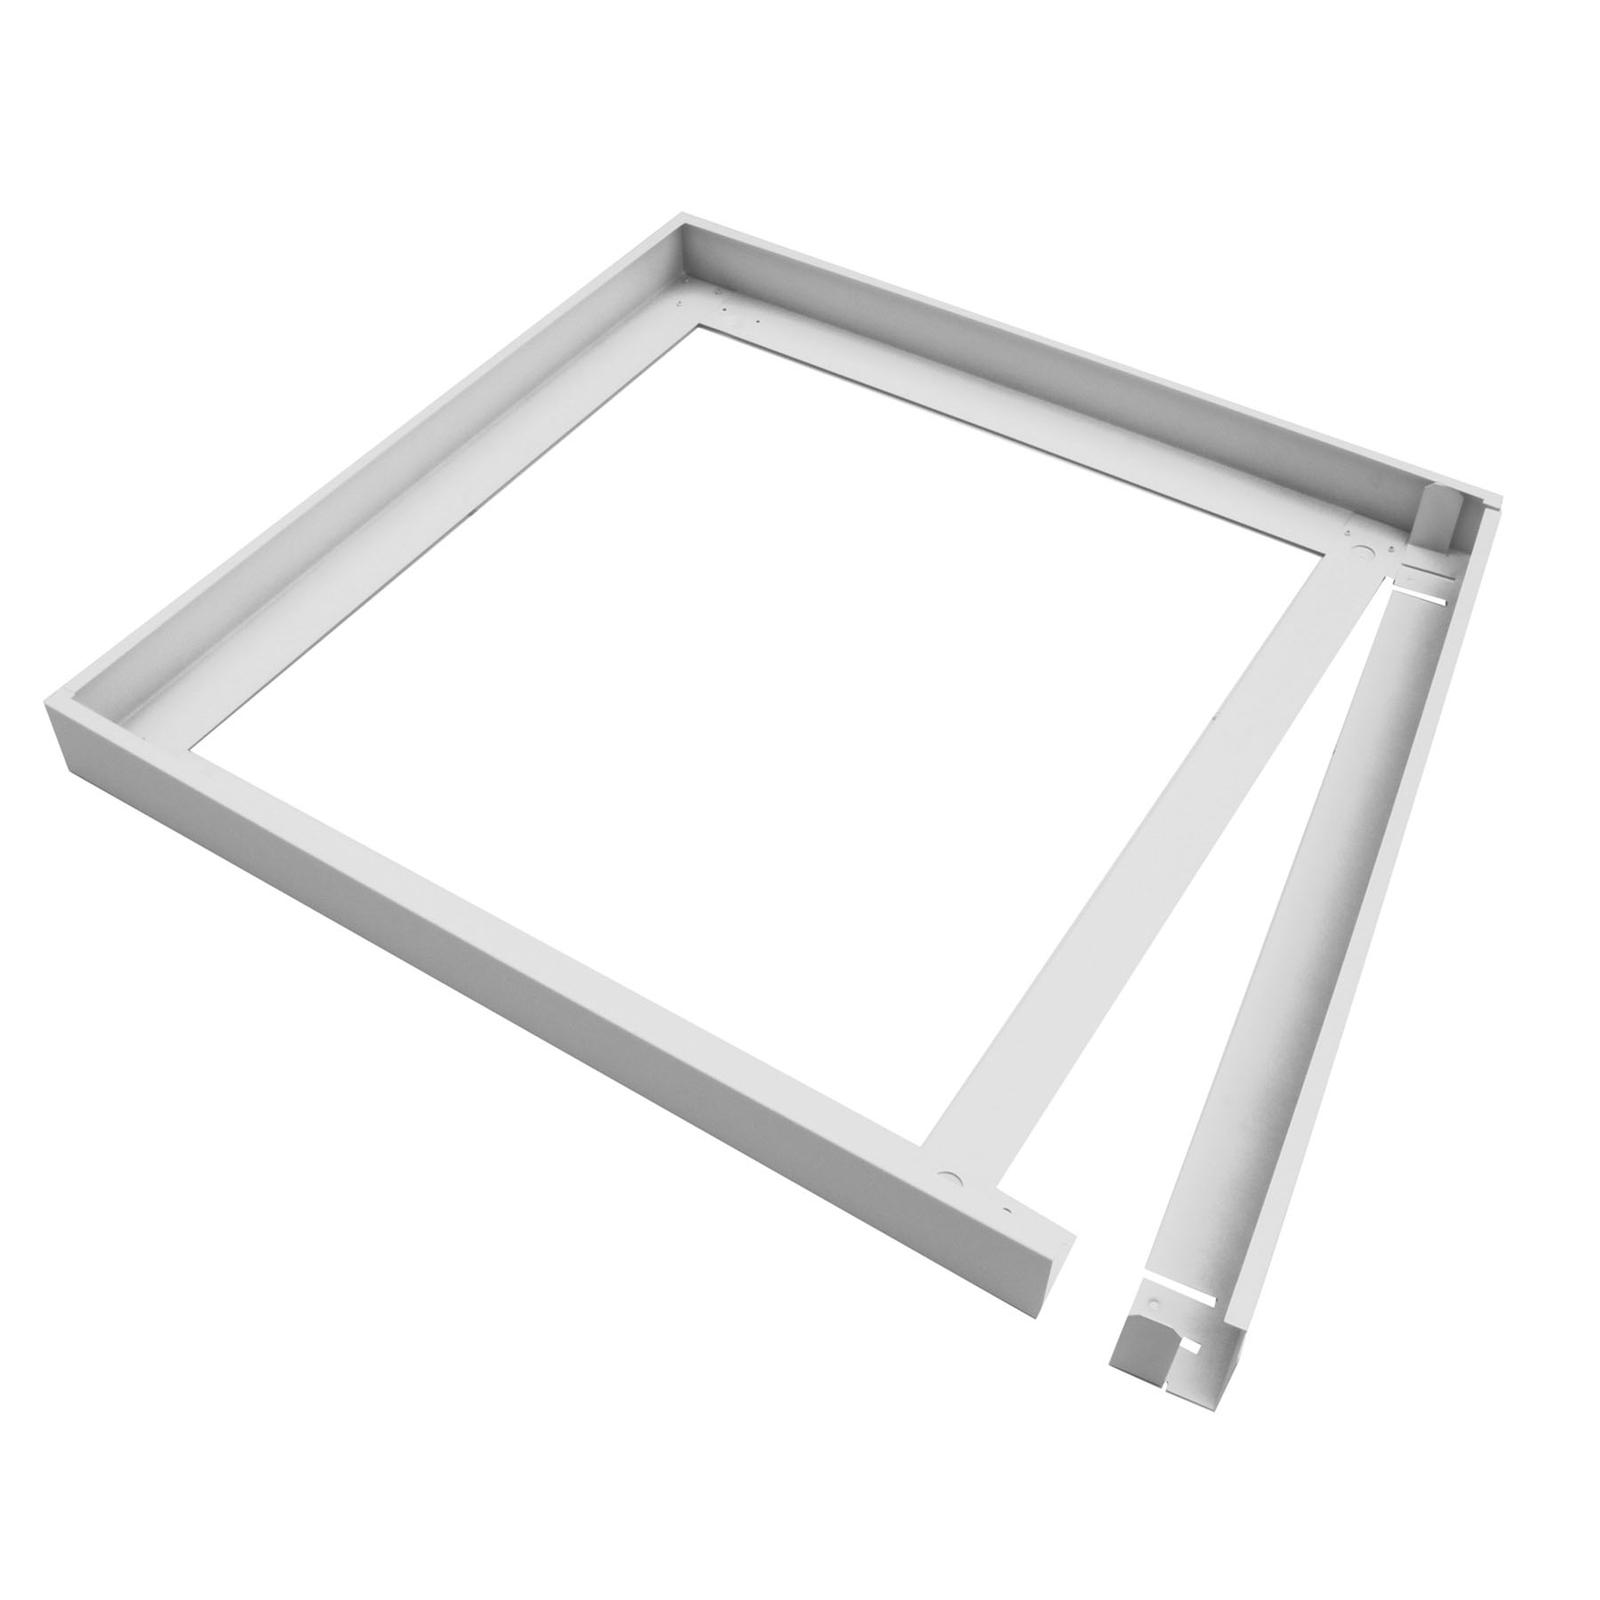 Megaman konstruksjonsramme for LED-panel